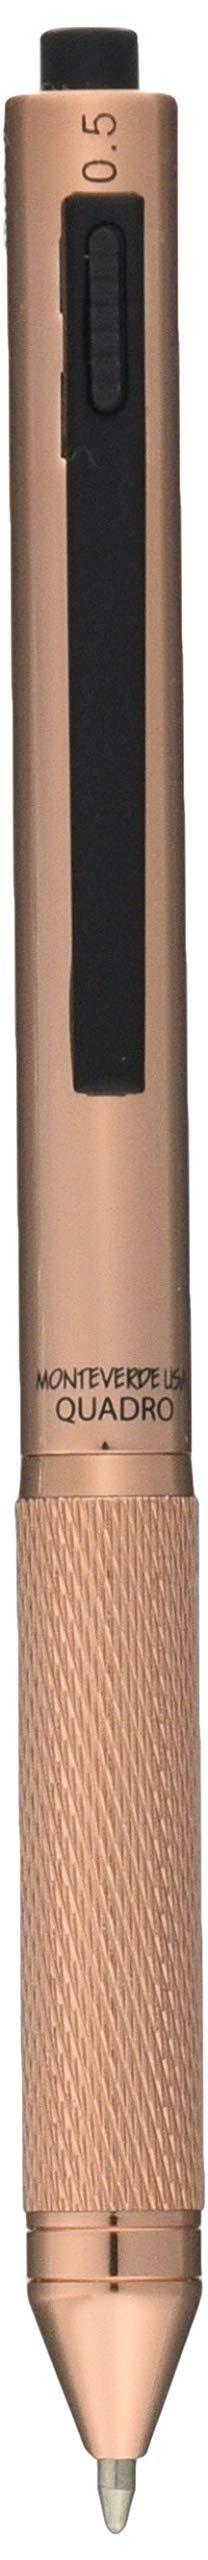 MONTEVERDE USA Quadro 4-in-1 Multifunction Pen Copper (MV35513)